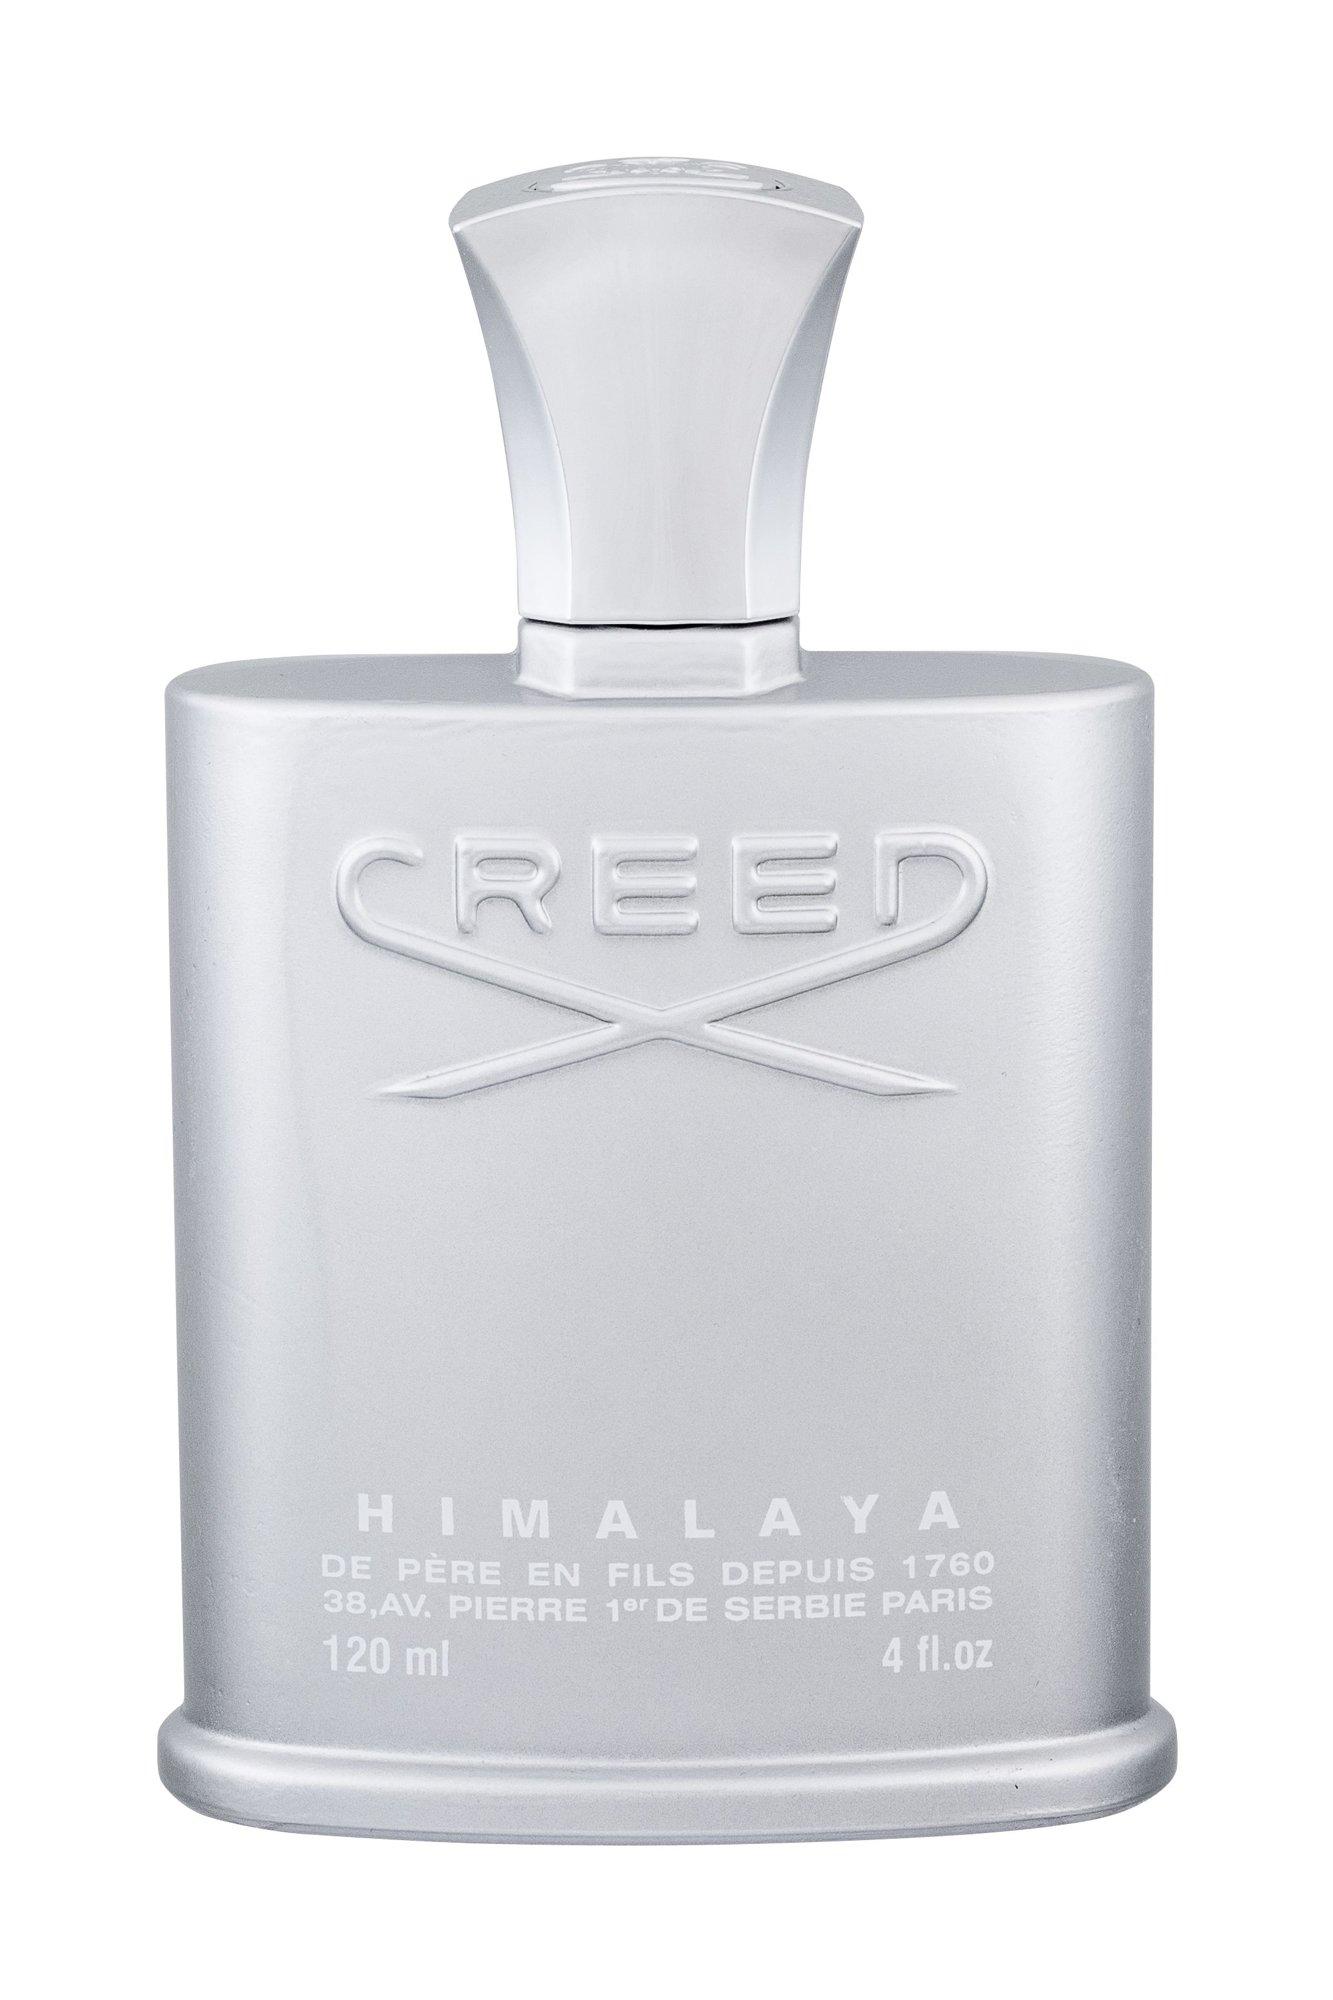 Creed Himalaya Eau de Parfum 120ml